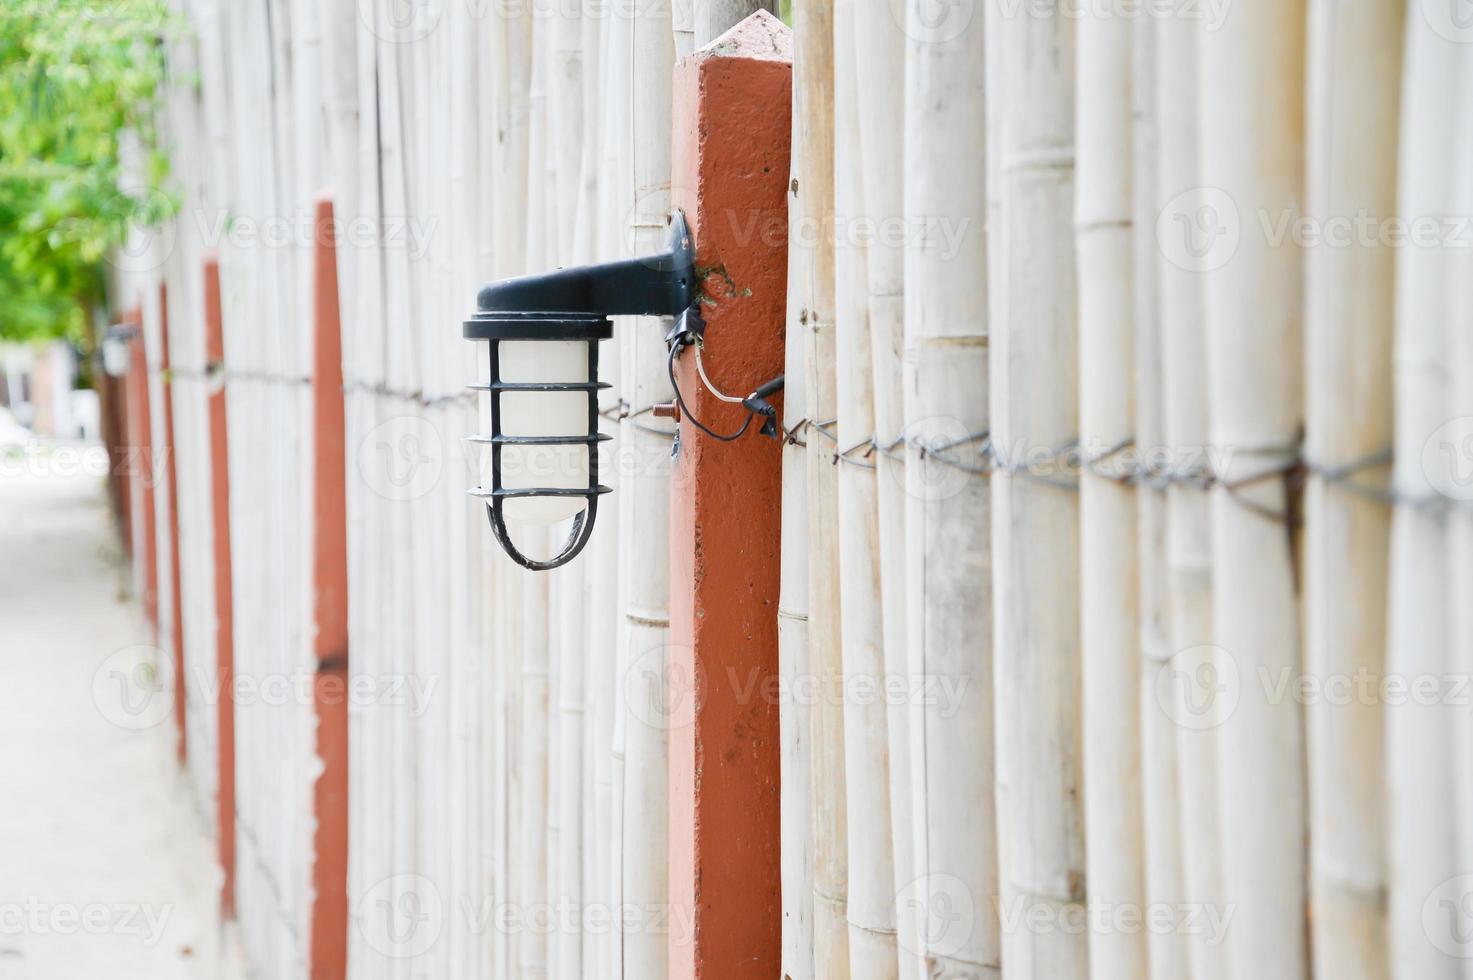 Lampe murale extérieure sur une clôture en bambou dans le parc photo